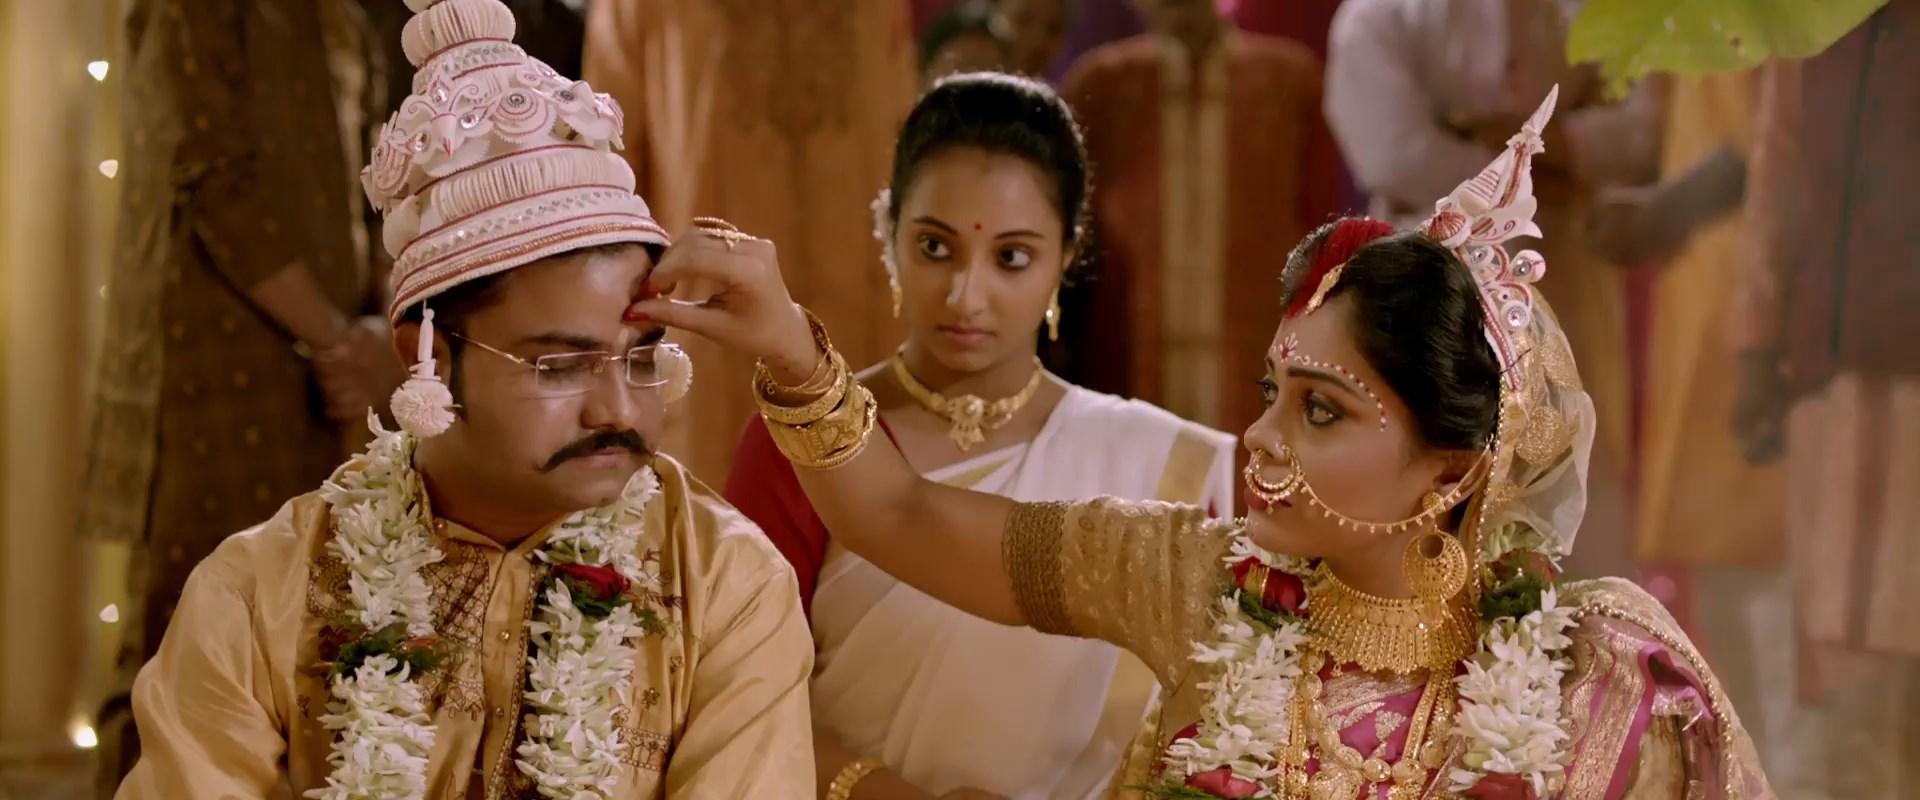 Brahma Janen Gopon Kommoti 2021 Bengali 1080p HDRip 1.8GB.mkv snapshot 01.06.54.421